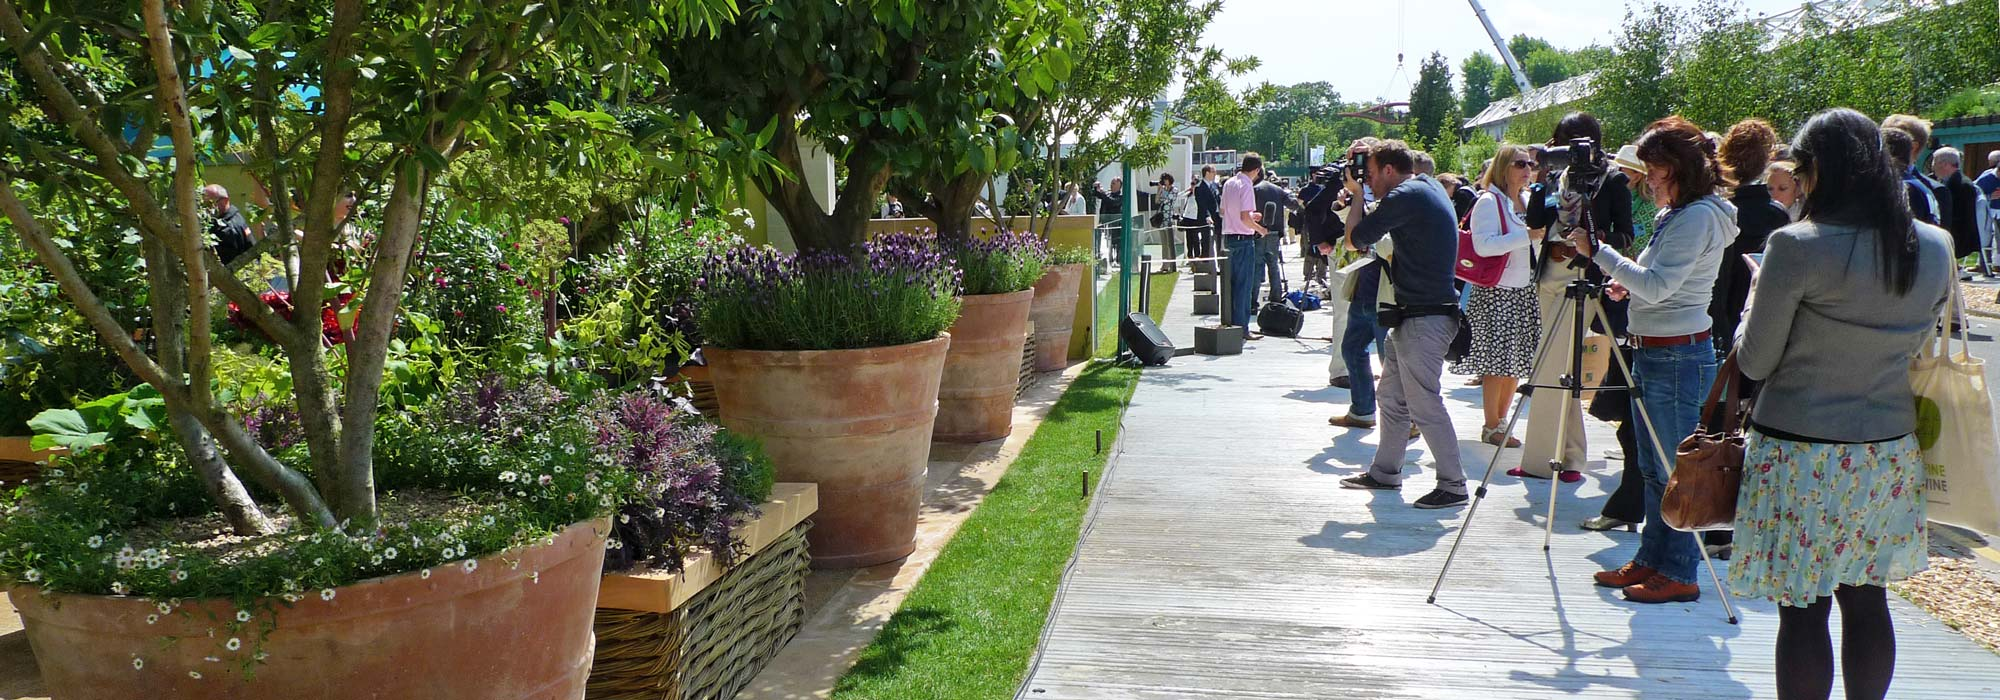 Italian terrace terracotta pots